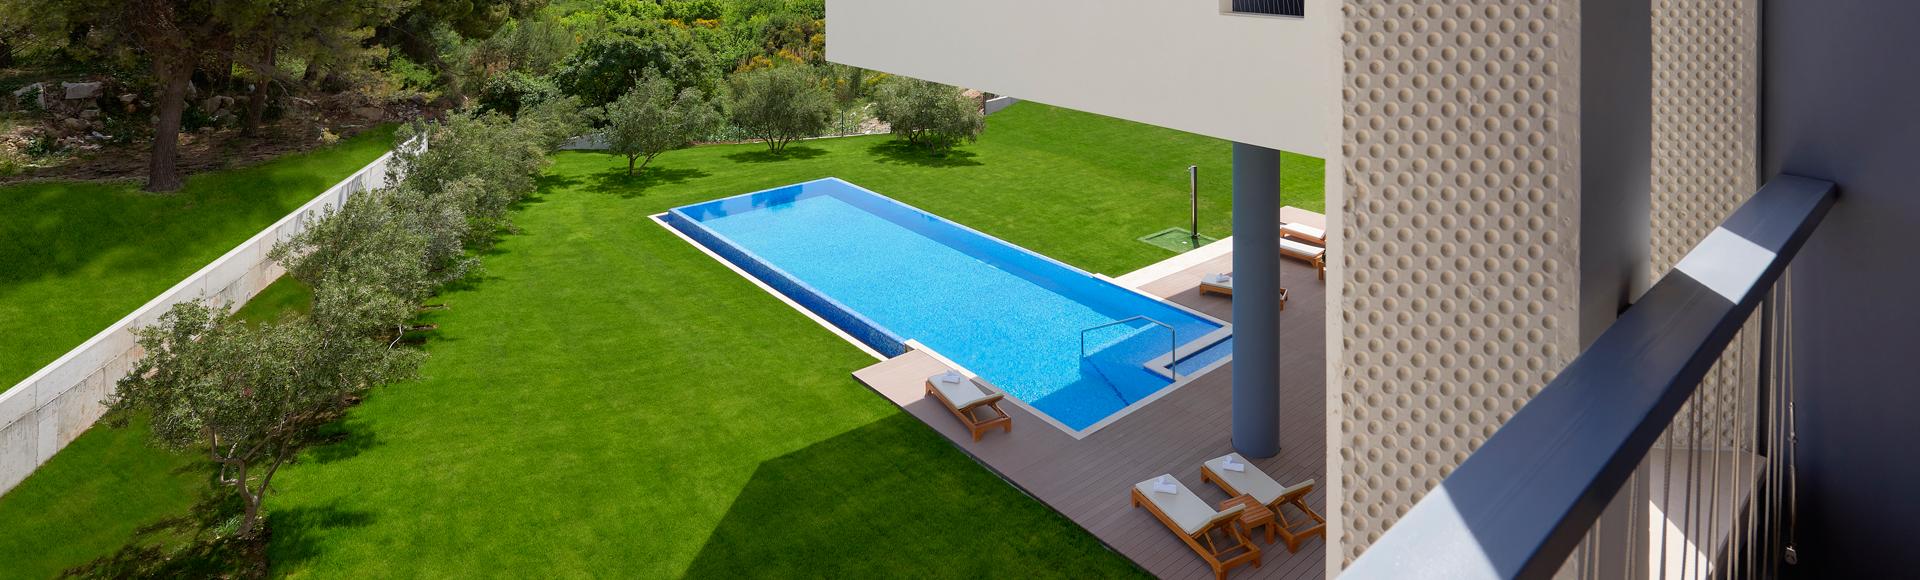 Deluxe soba s pogledom na bazen